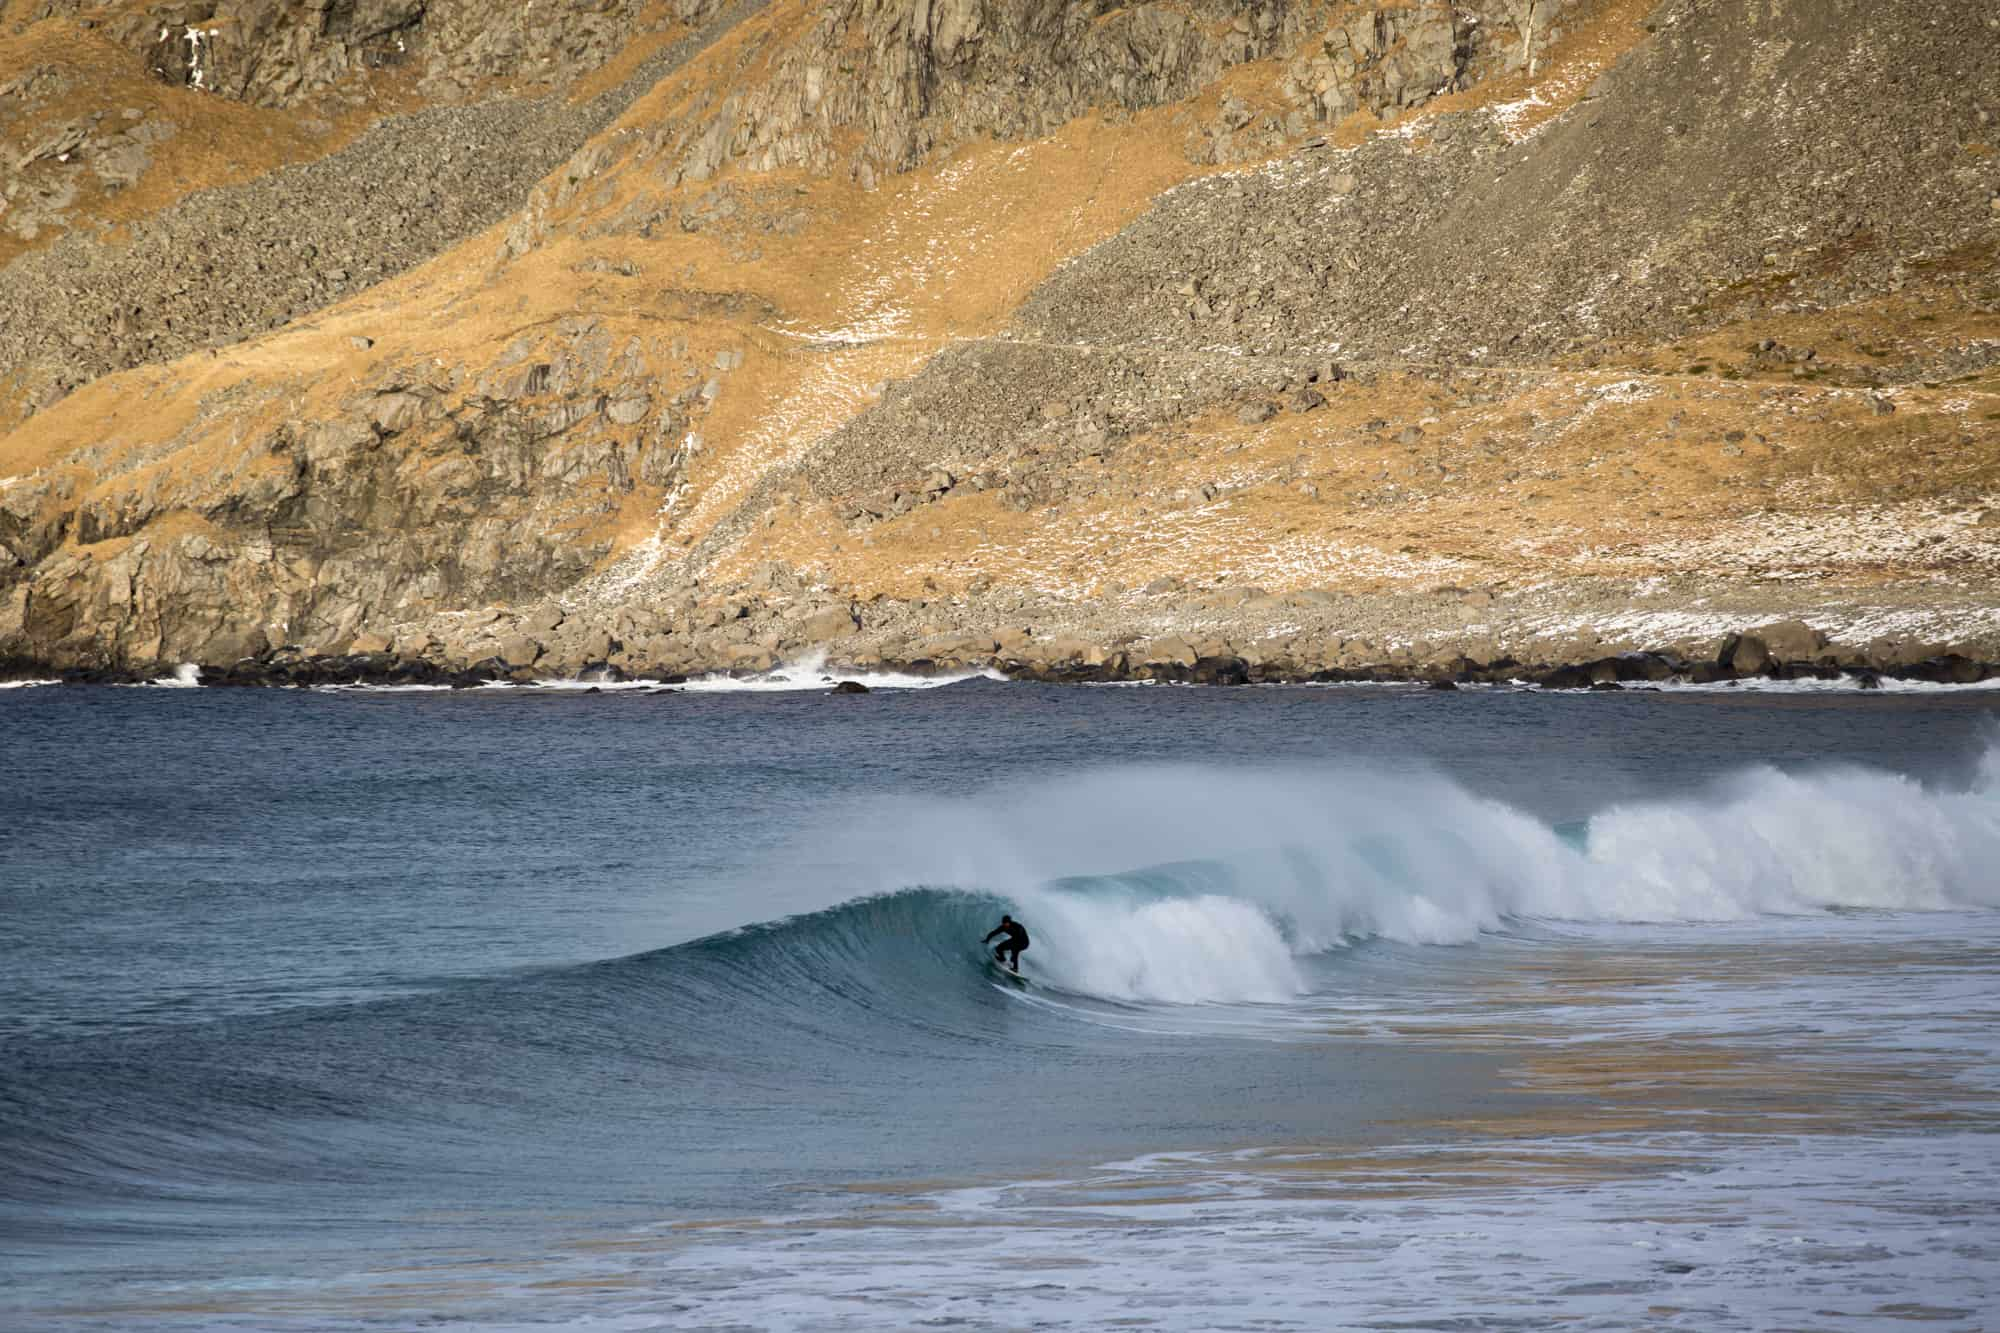 Surfer på bølge i Unstad